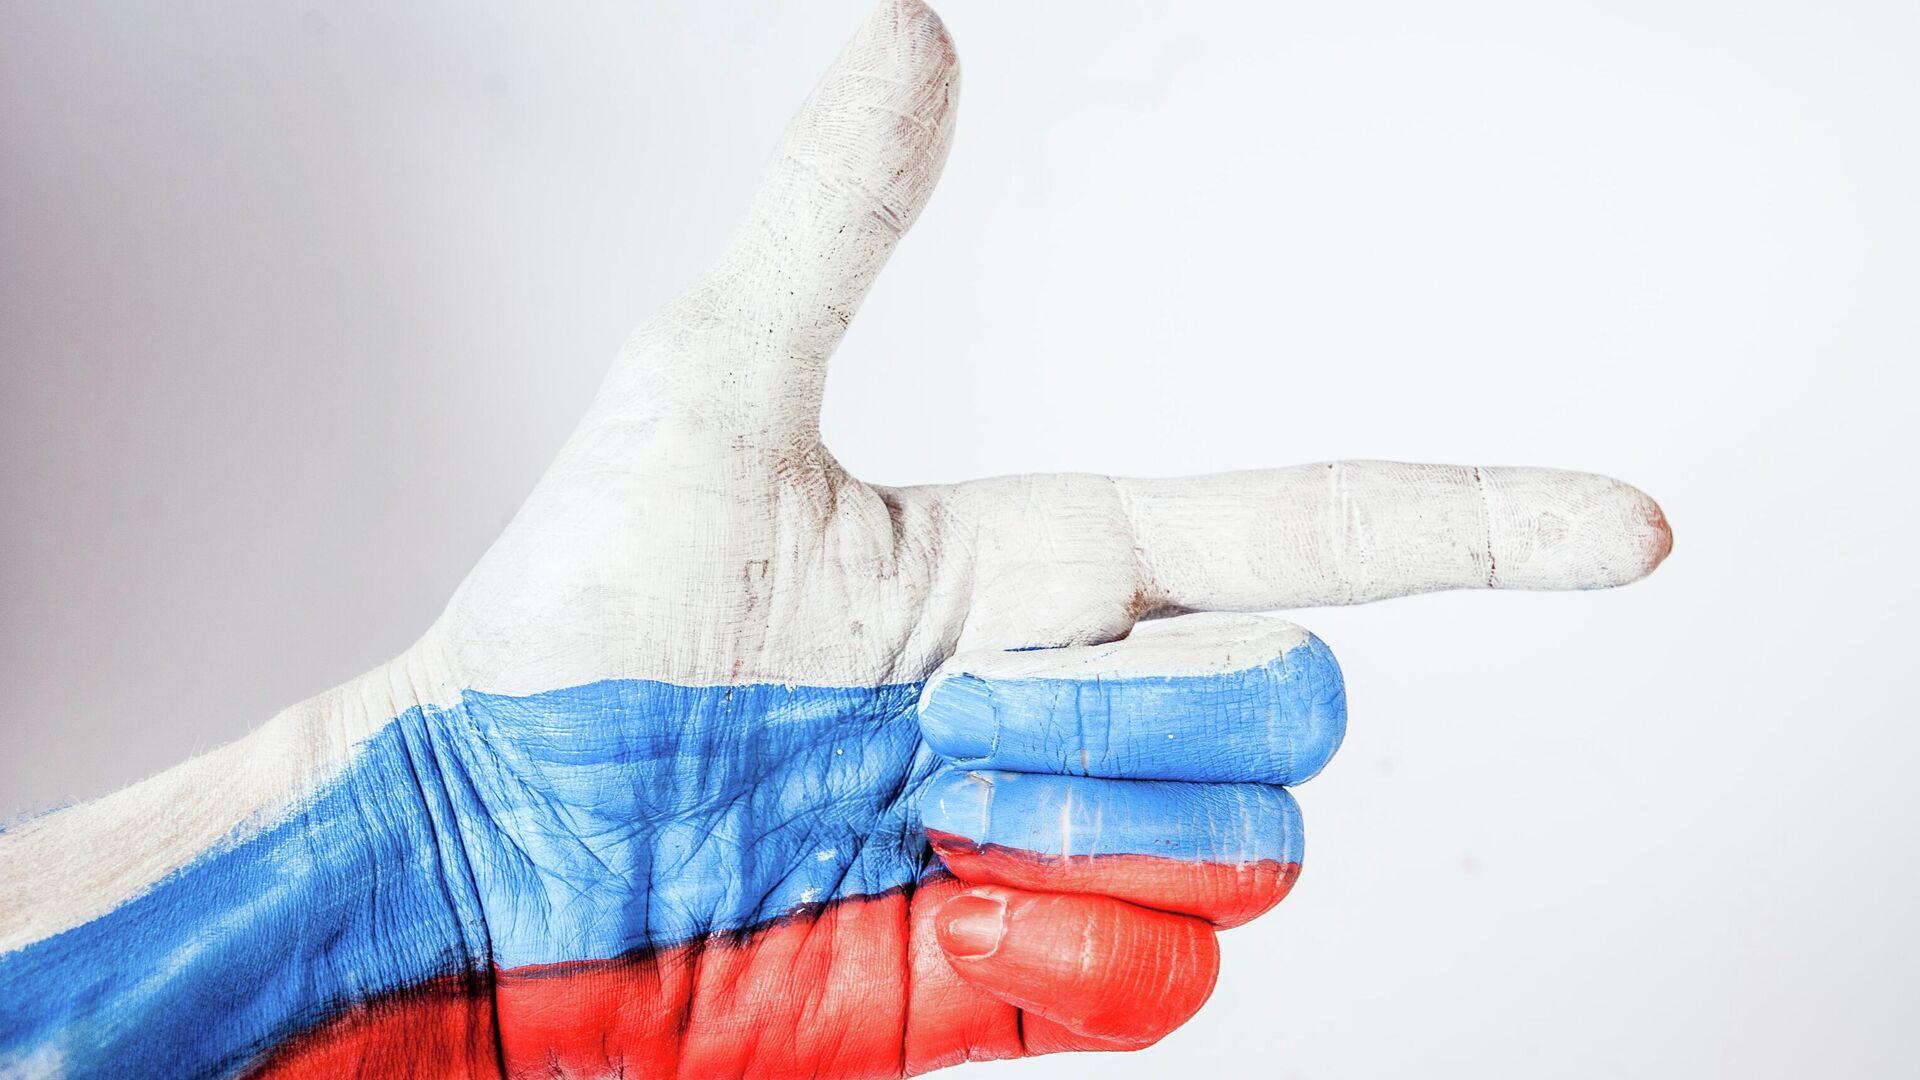 Российский триколор на руке - Sputnik Узбекистан, 1920, 04.05.2021